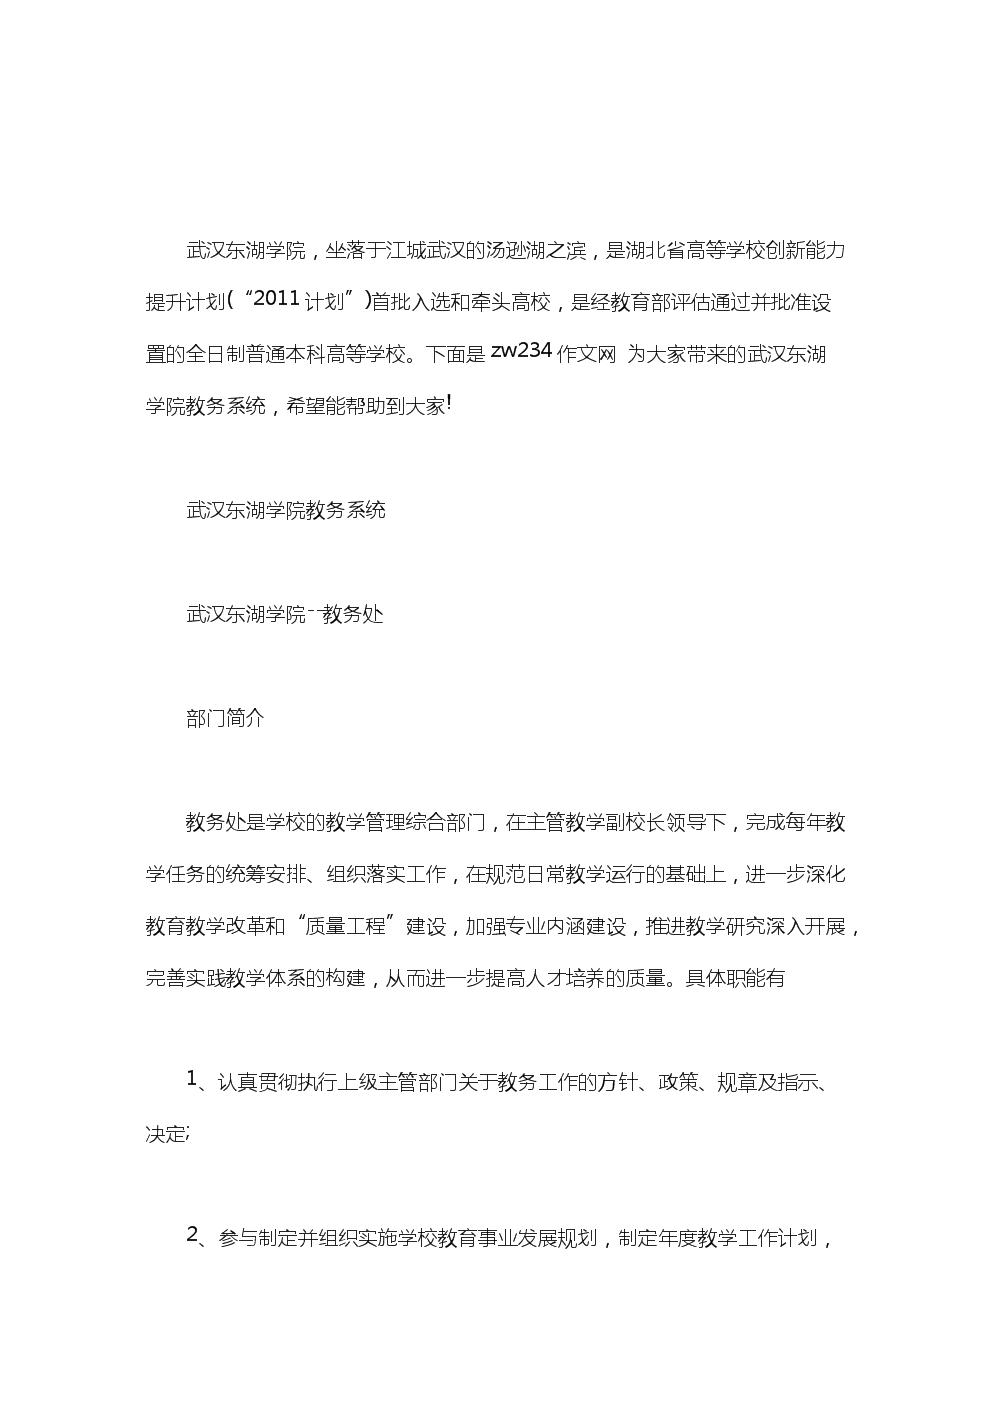 武汉东湖学院教务系统.doc